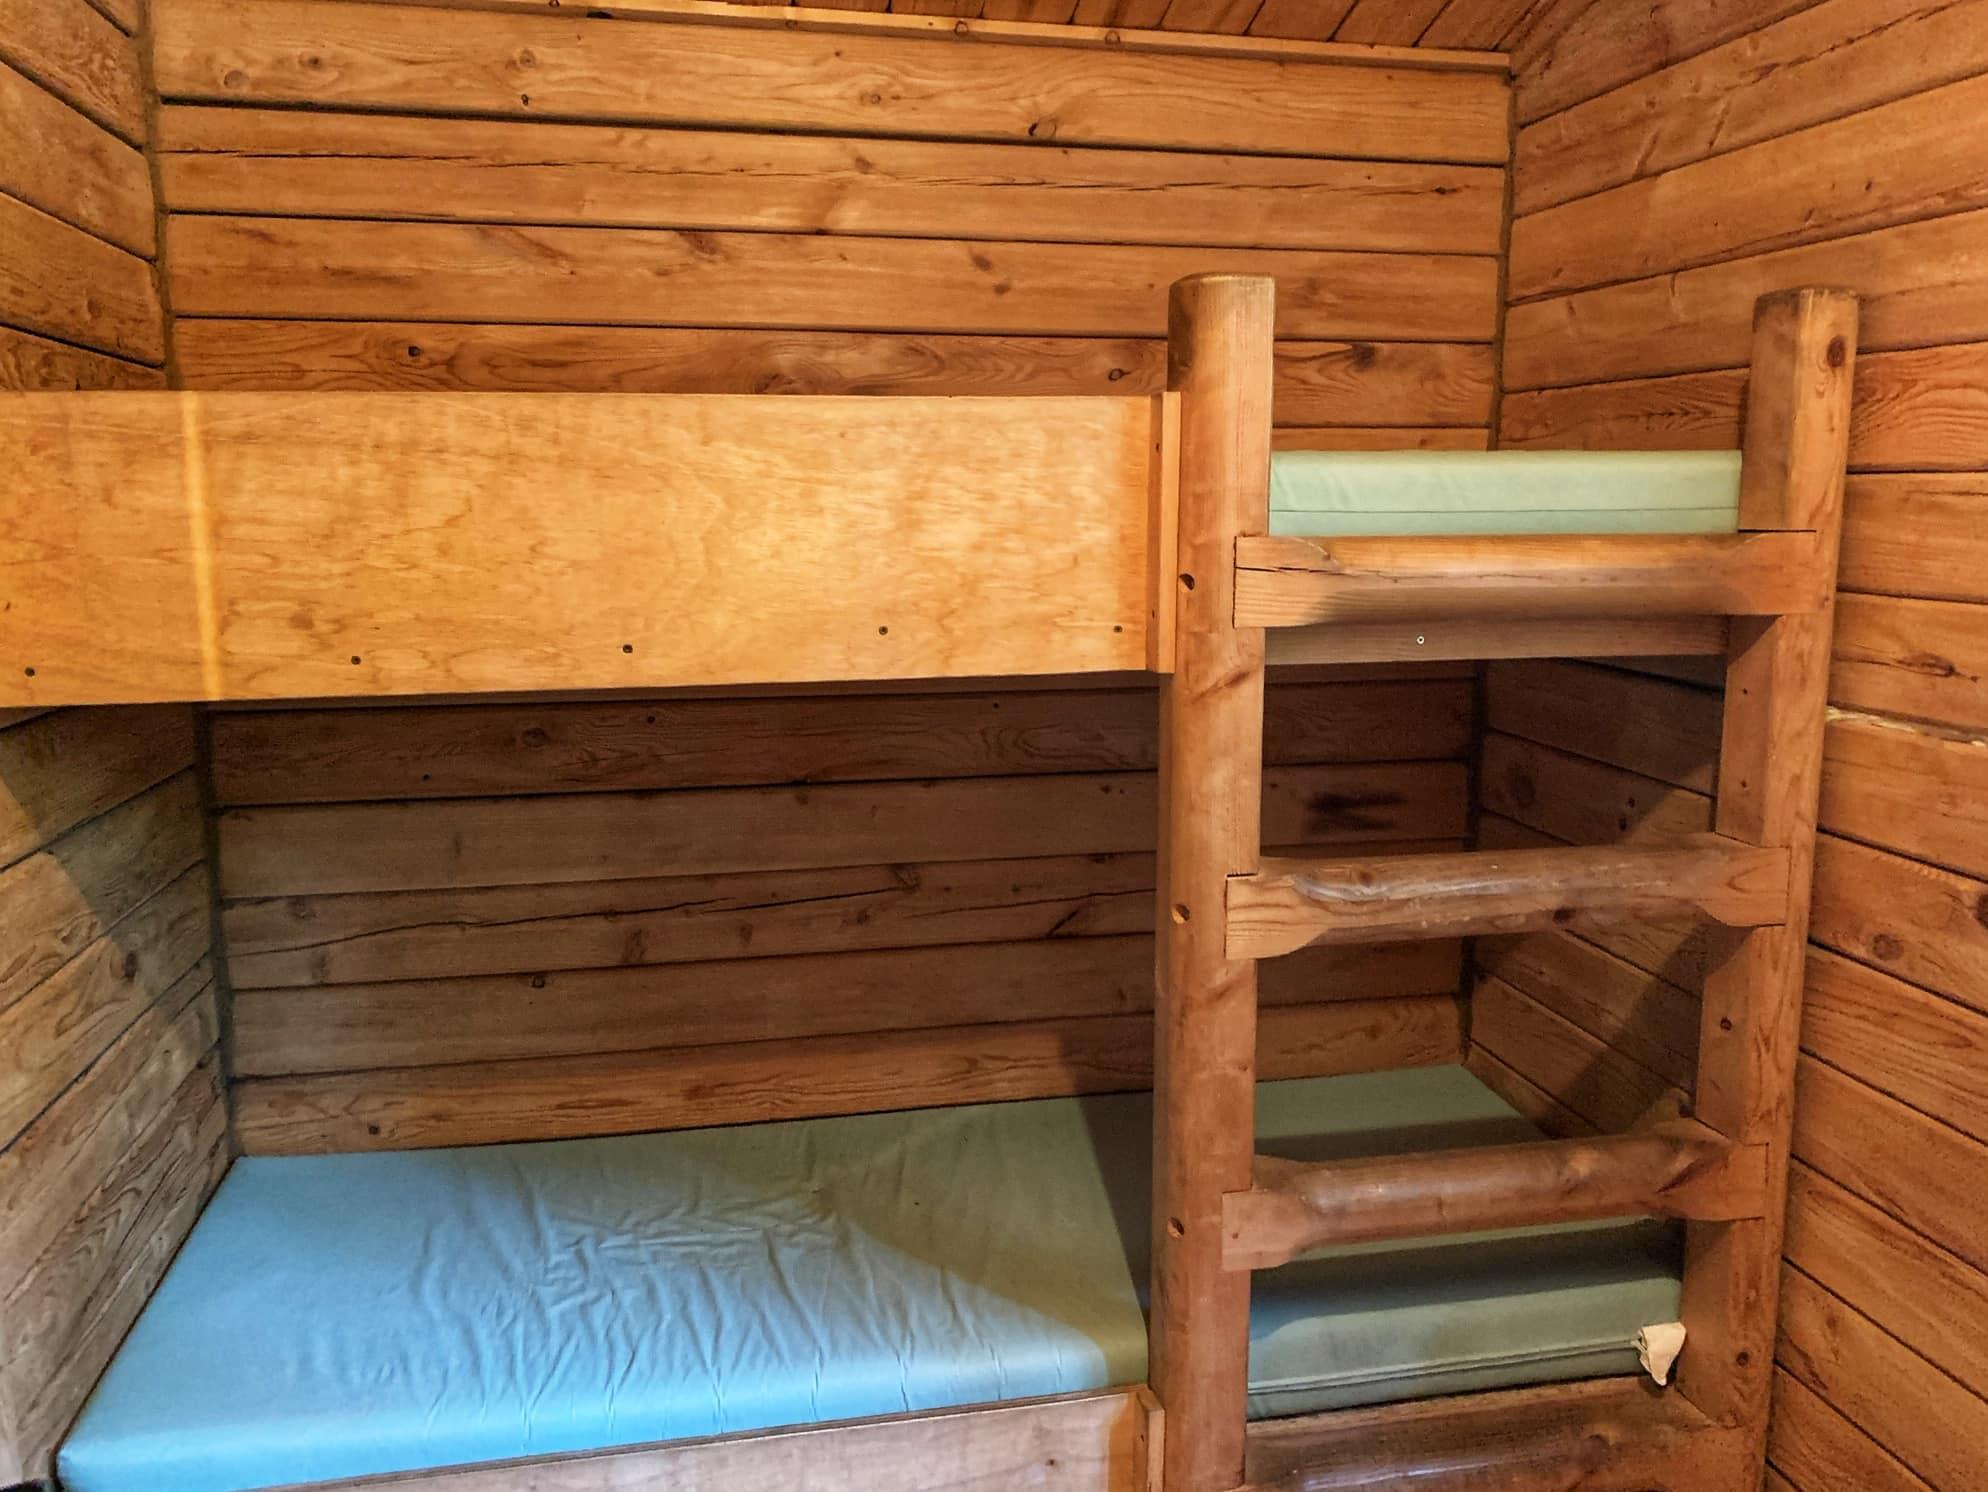 bunk beds in rustic cabin